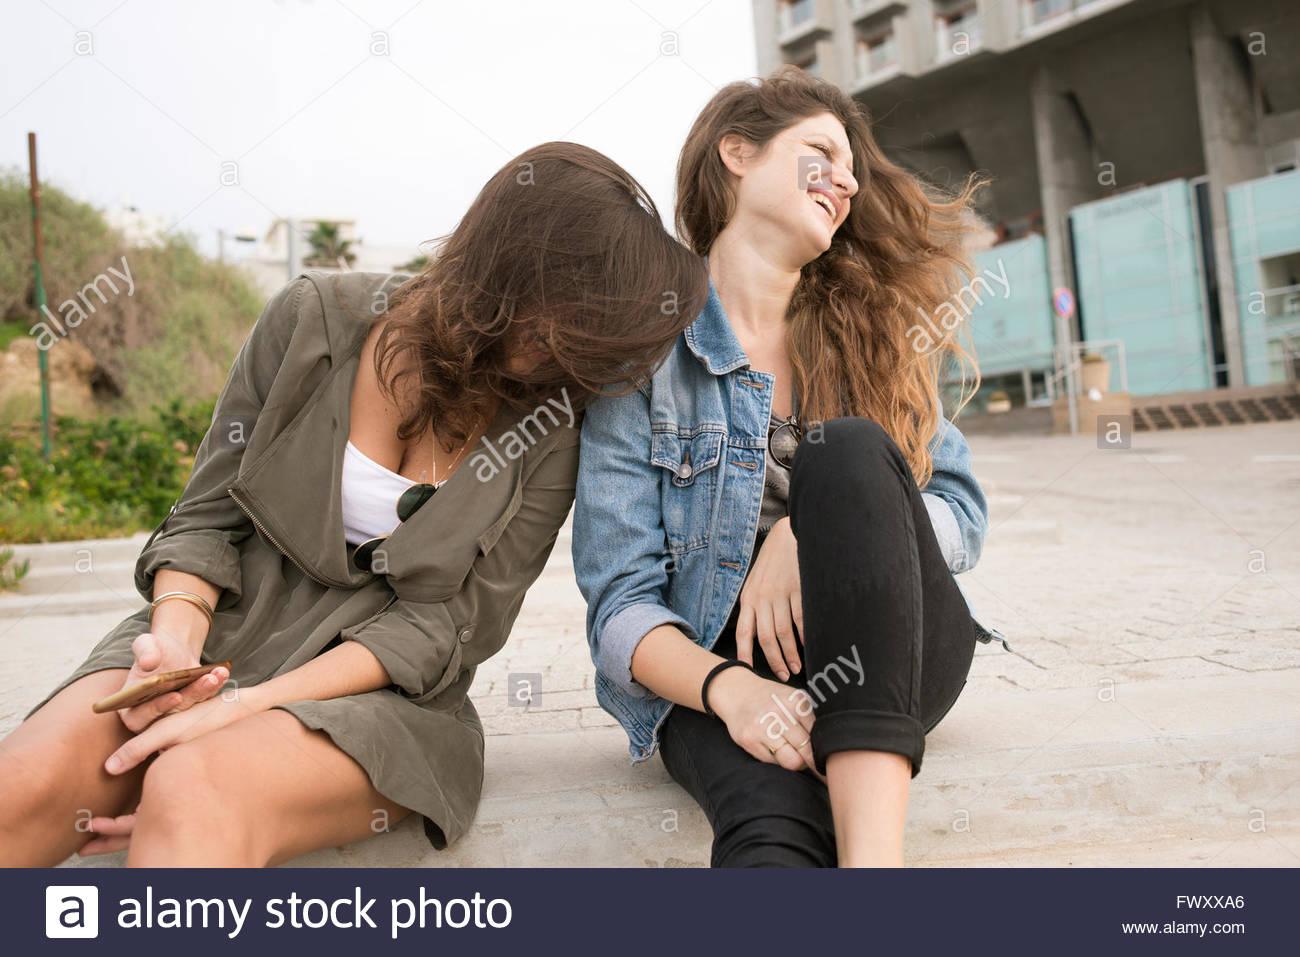 Israel, Tel Aviv, Laughing junge Frauen sitzen auf Stufen Stockbild